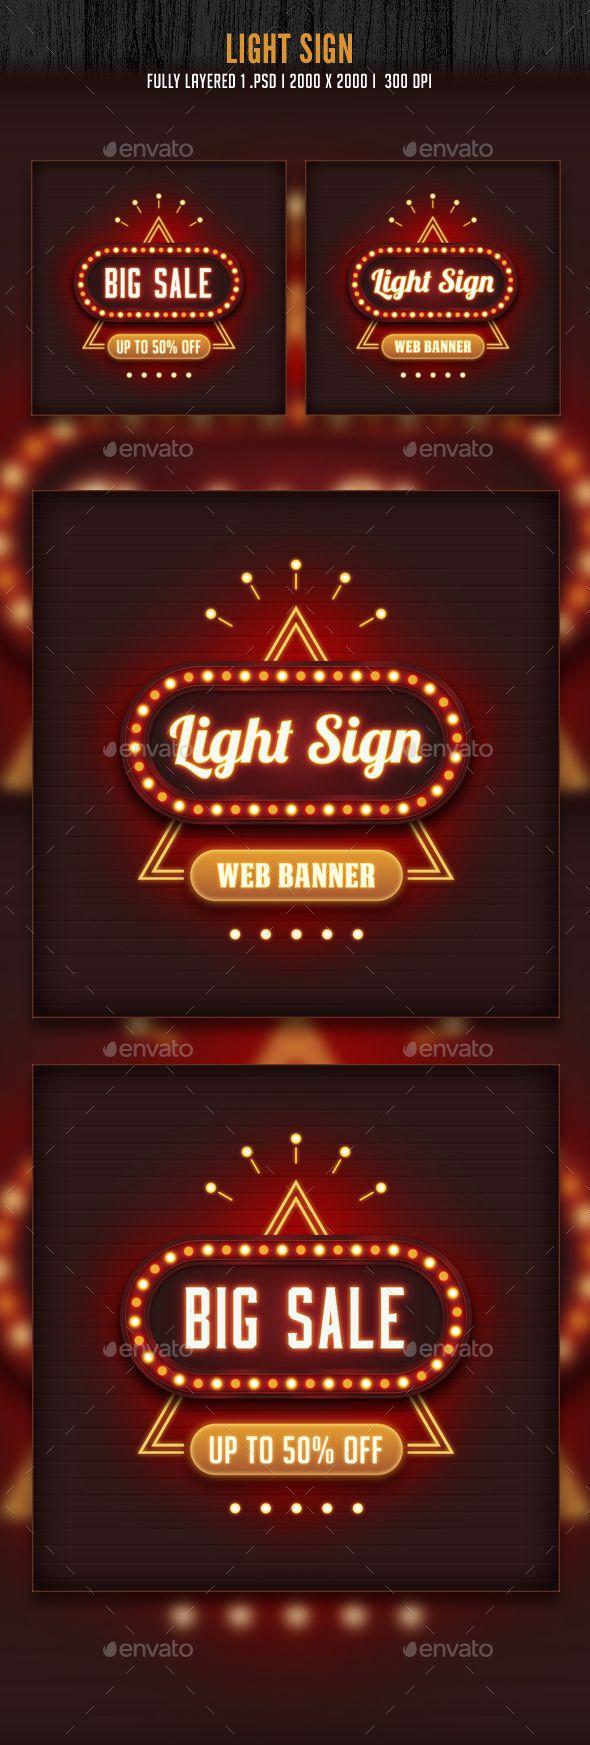 Light Sign Banner